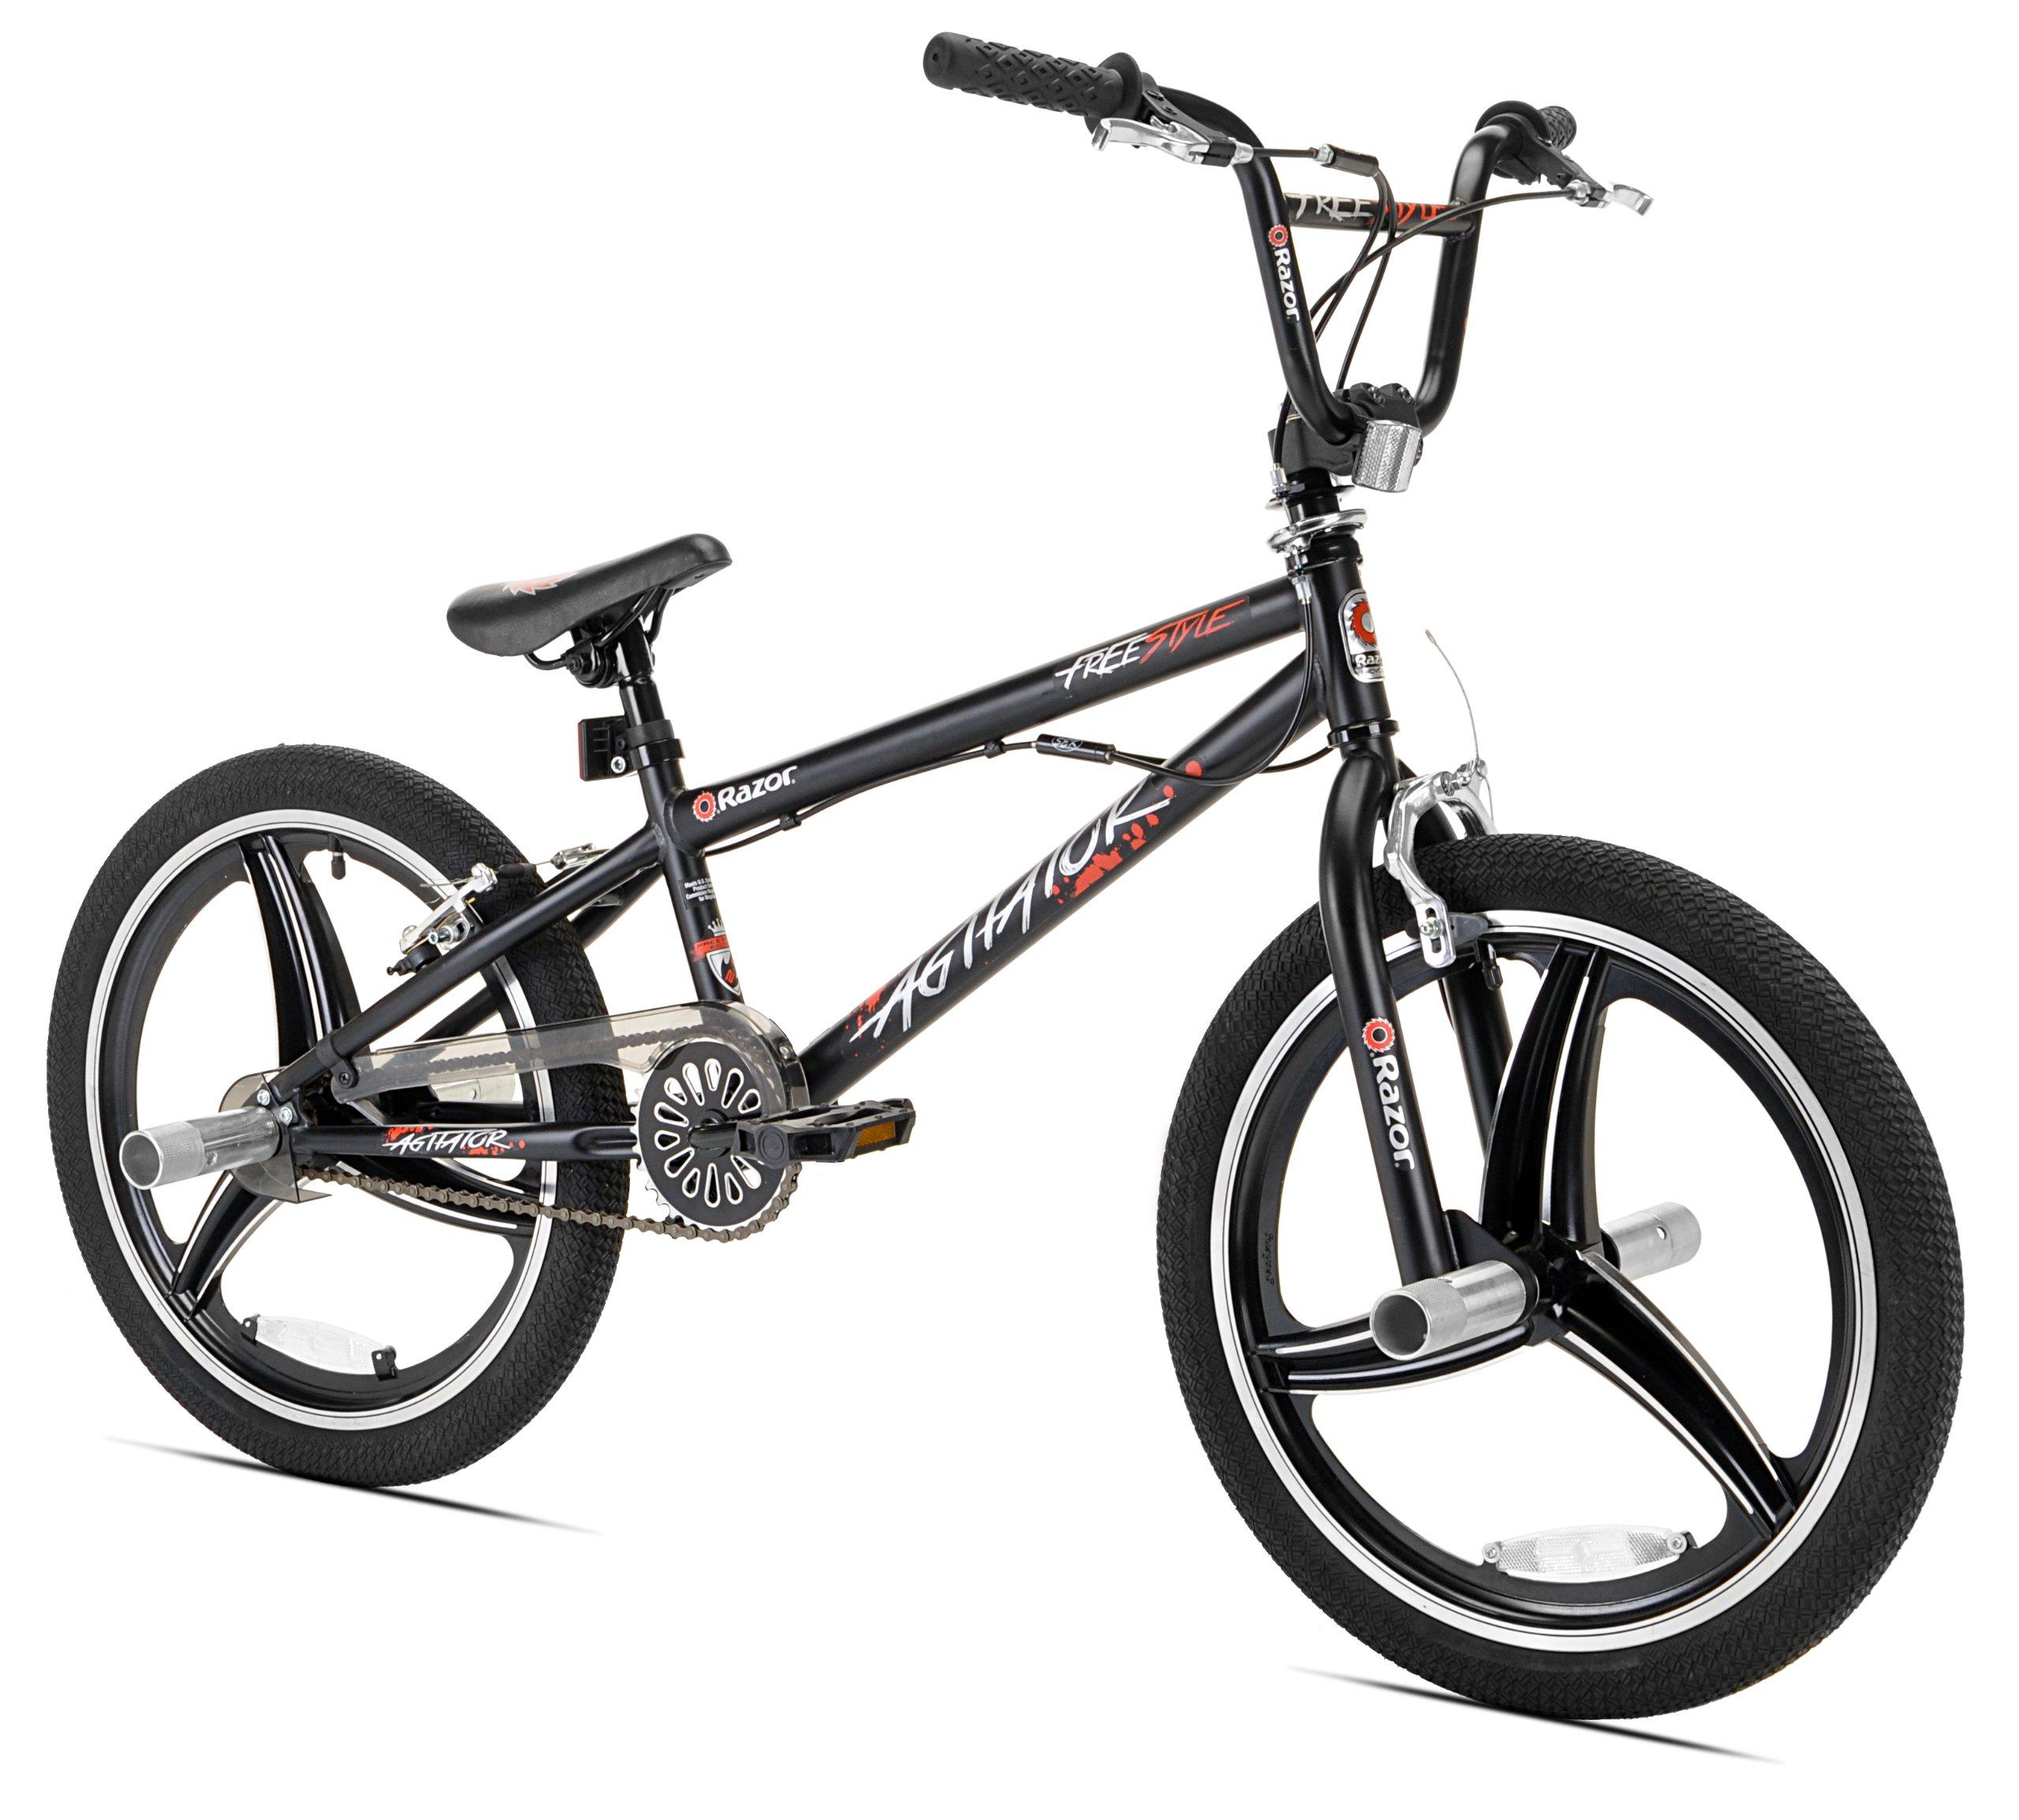 Razor Agitator BMX/Freestyle Bike, 20-Inch by Razor